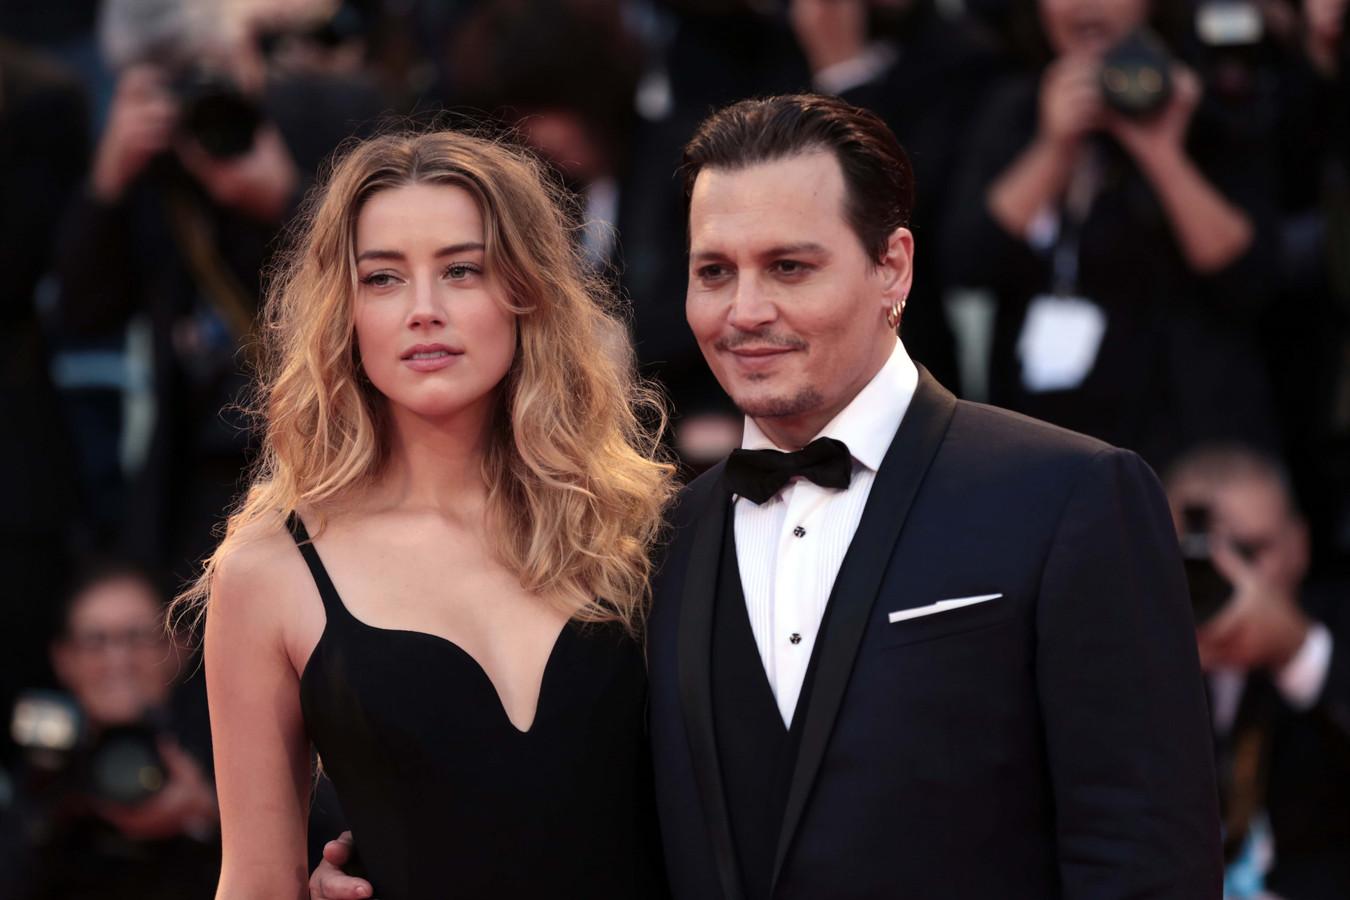 """Elon Musk a conseillé à Amber Heard et Johnny Depp """"d'enterrer simplement la hache de guerre et de passer à autre chose""""."""